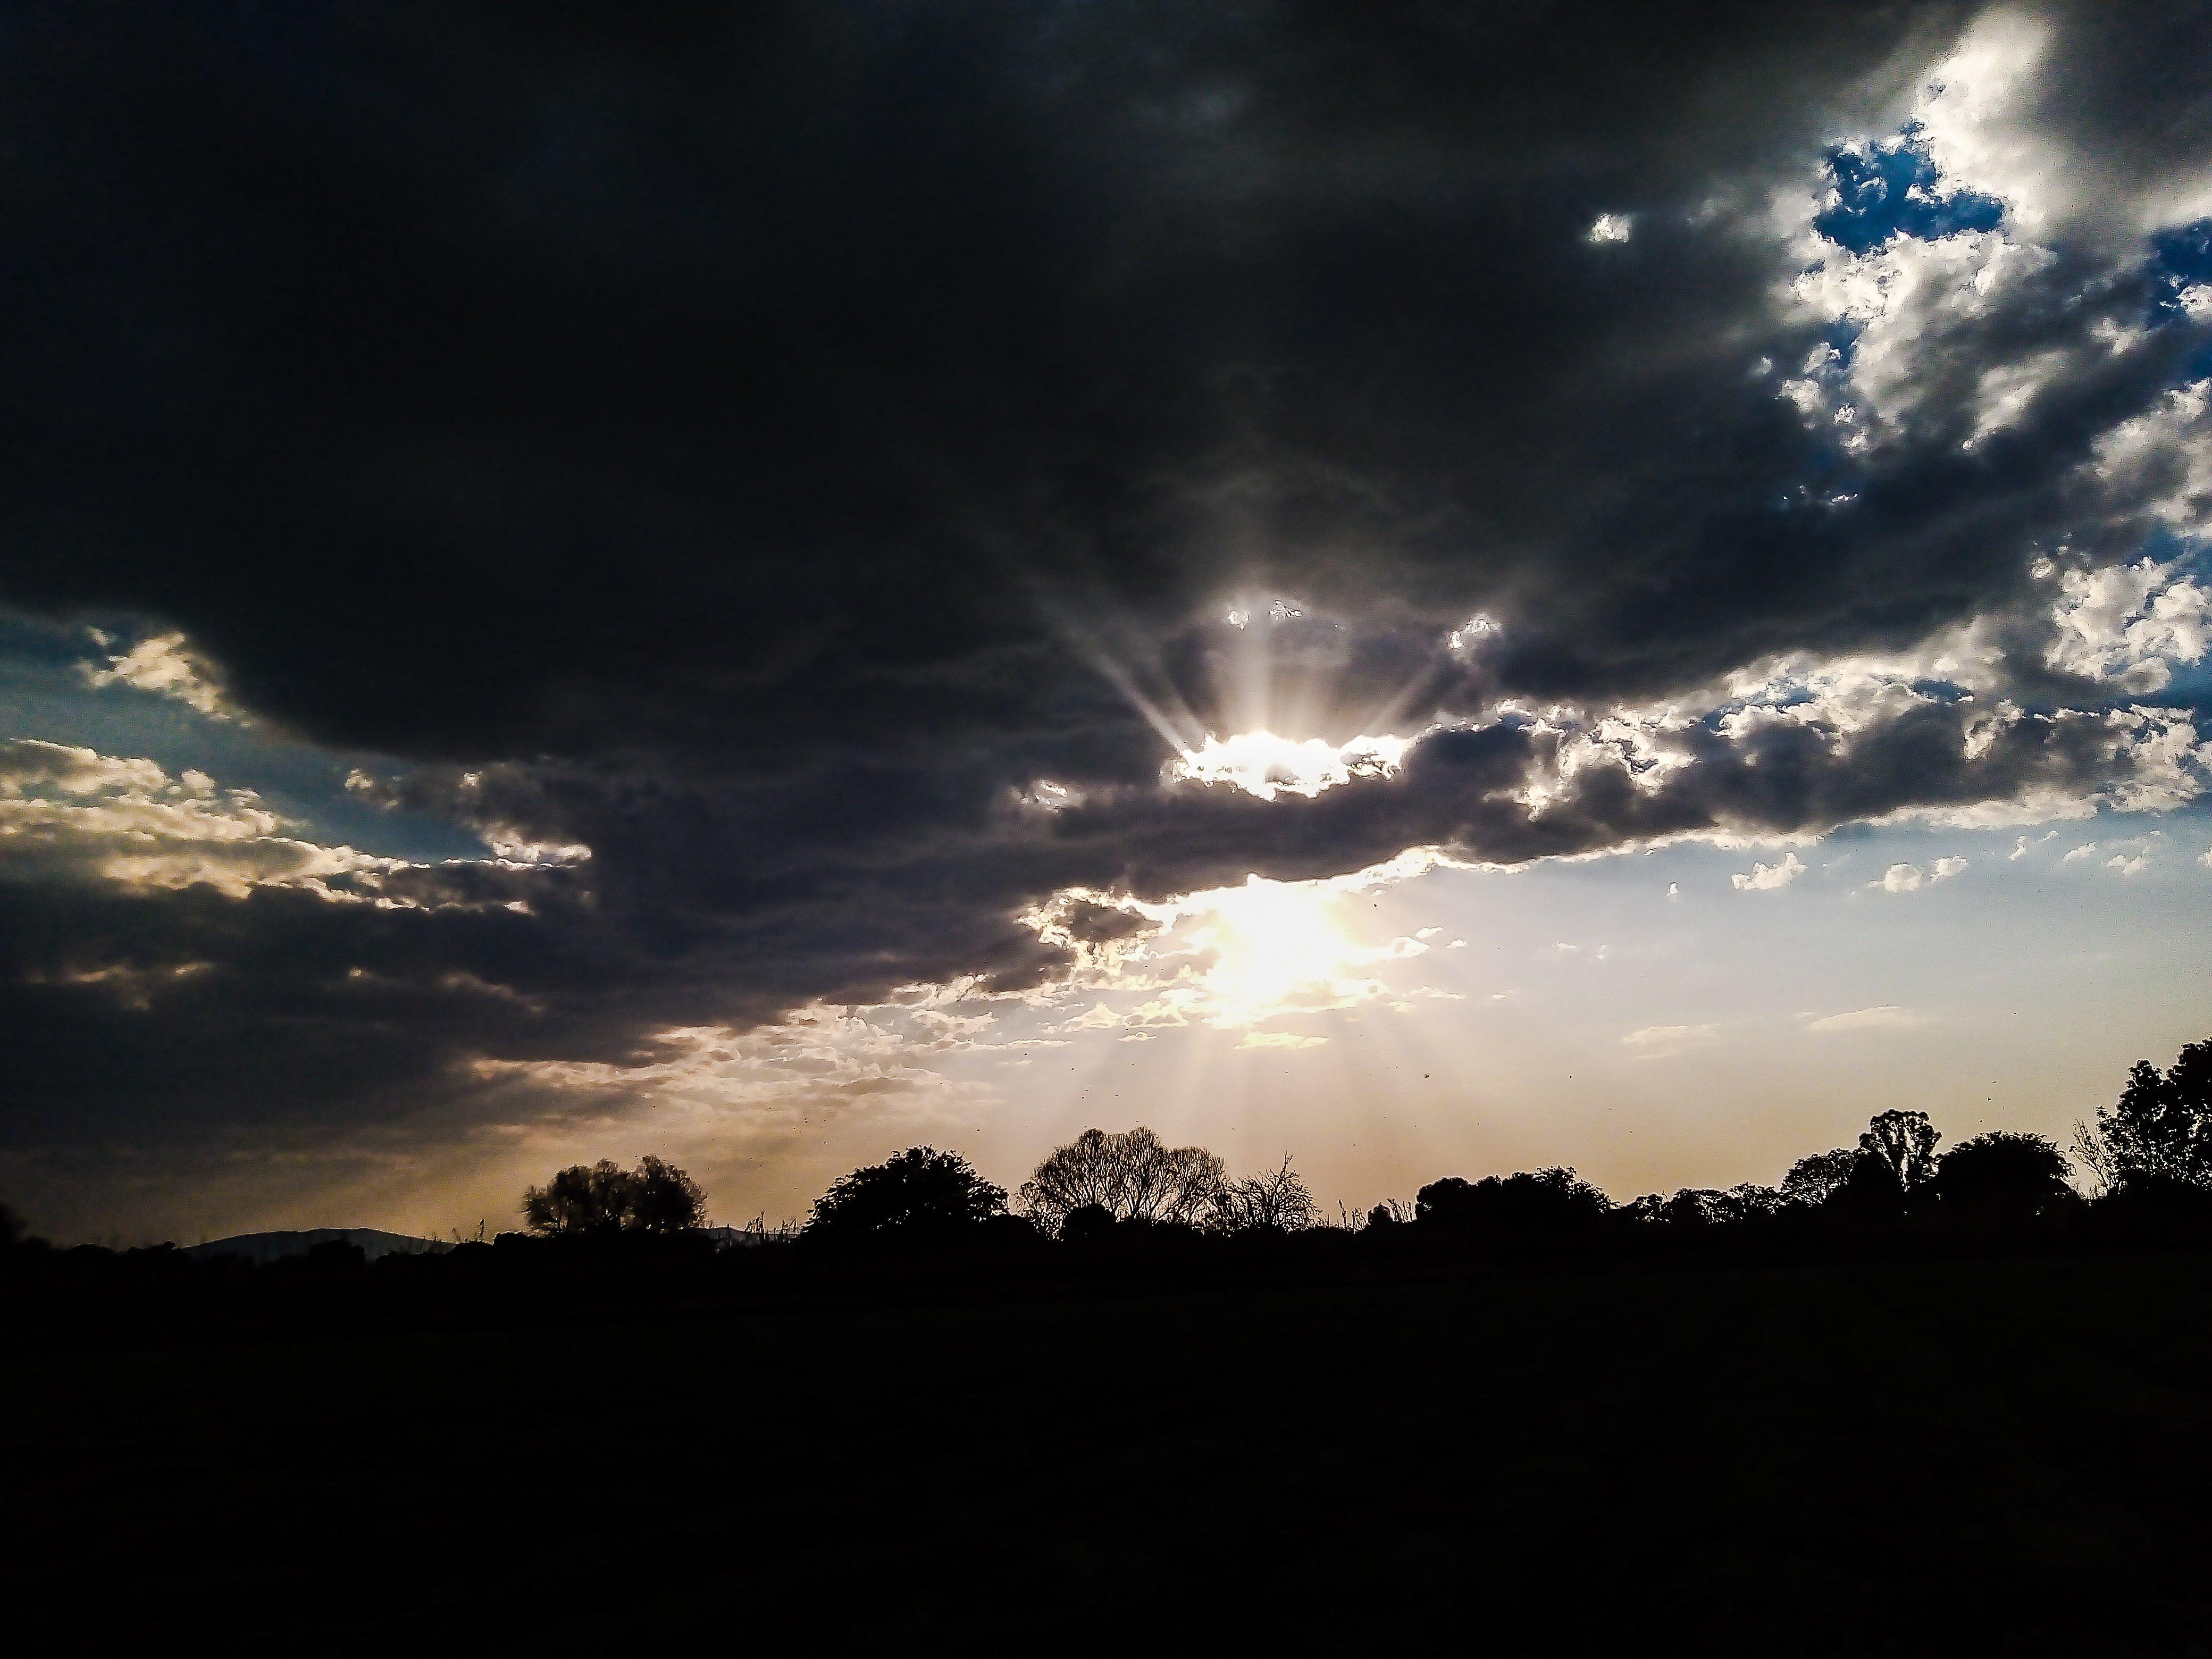 Fondos de pantalla Paisaje de atardecer a contraluz con nubes